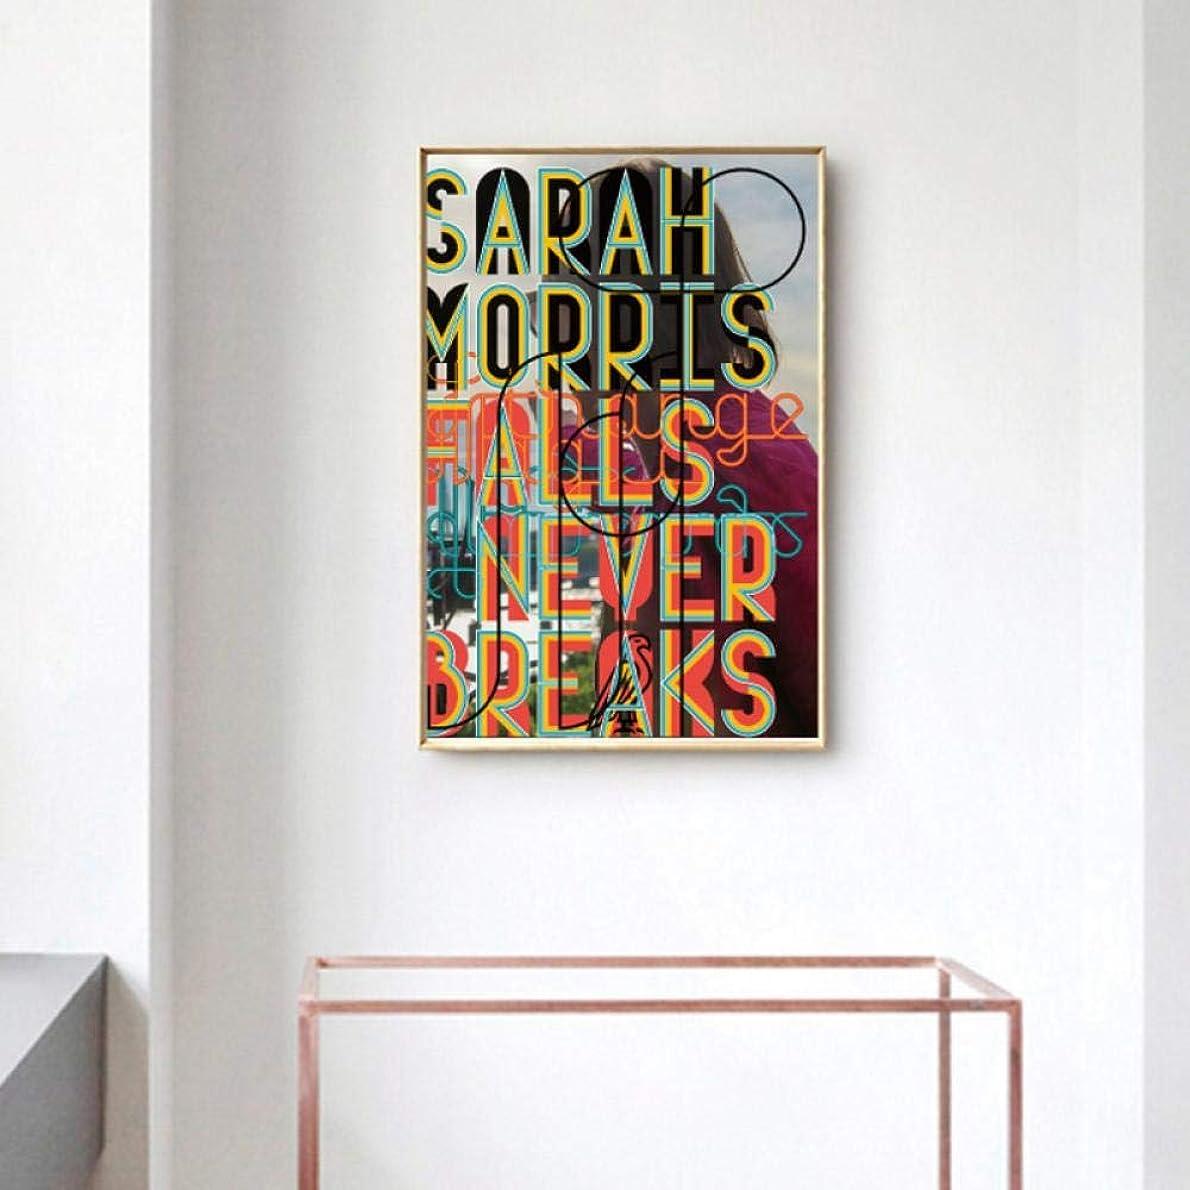 収束パーツボトルLlxhg?壁の装飾の抽象的なポスターと壁にキッチンキャンバス絵画の幾何学的な写真のための大きな画像を印刷する-50X70Cmフレームなし